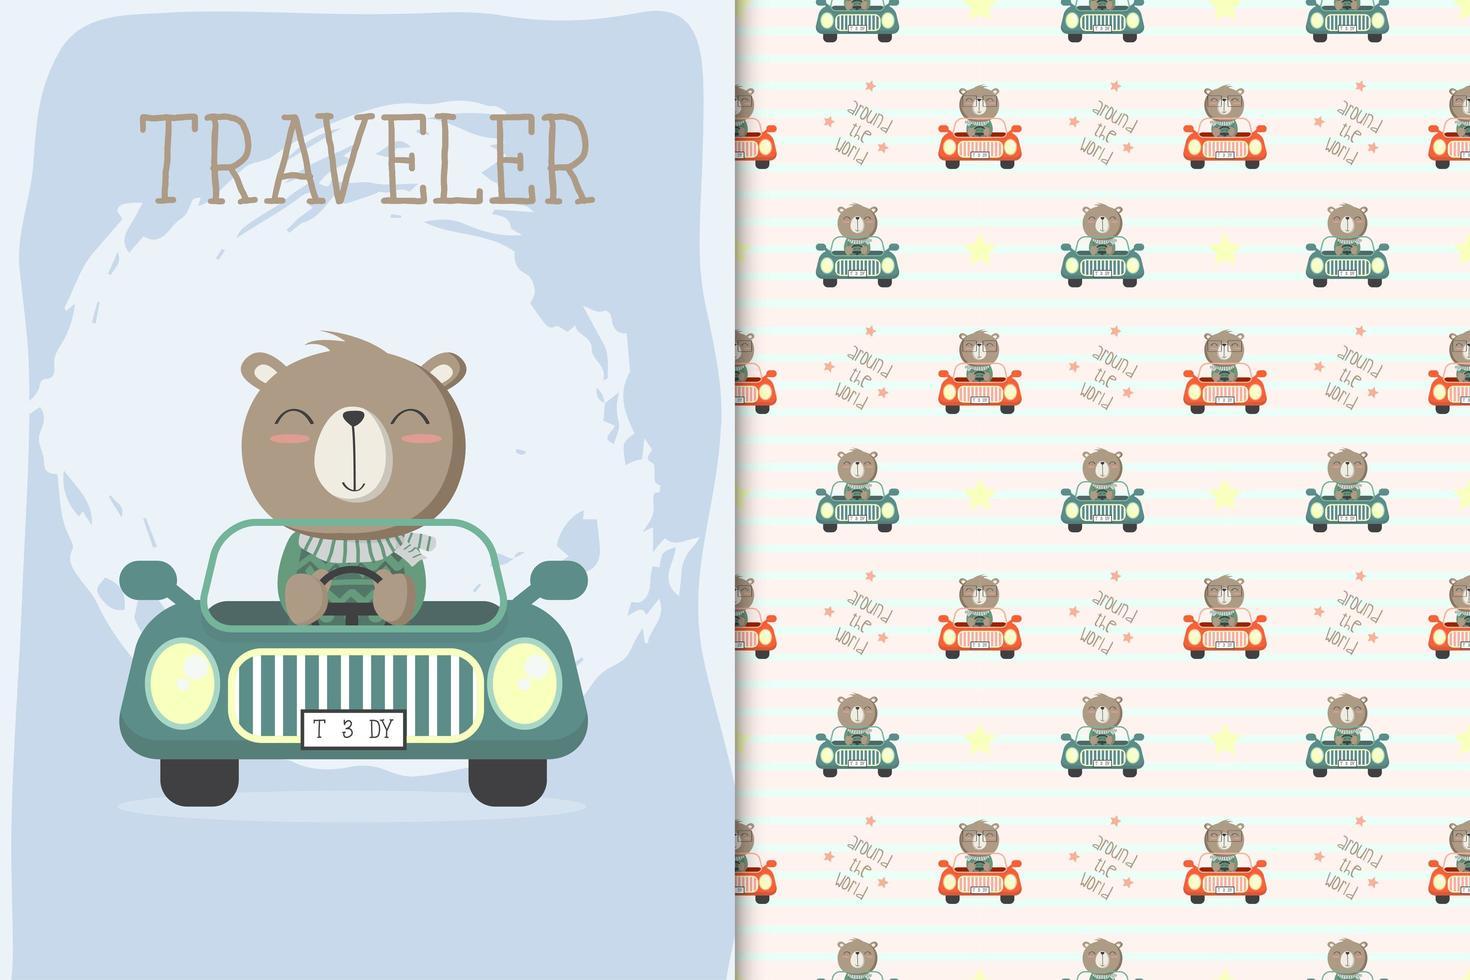 björn som kör en bil vektor